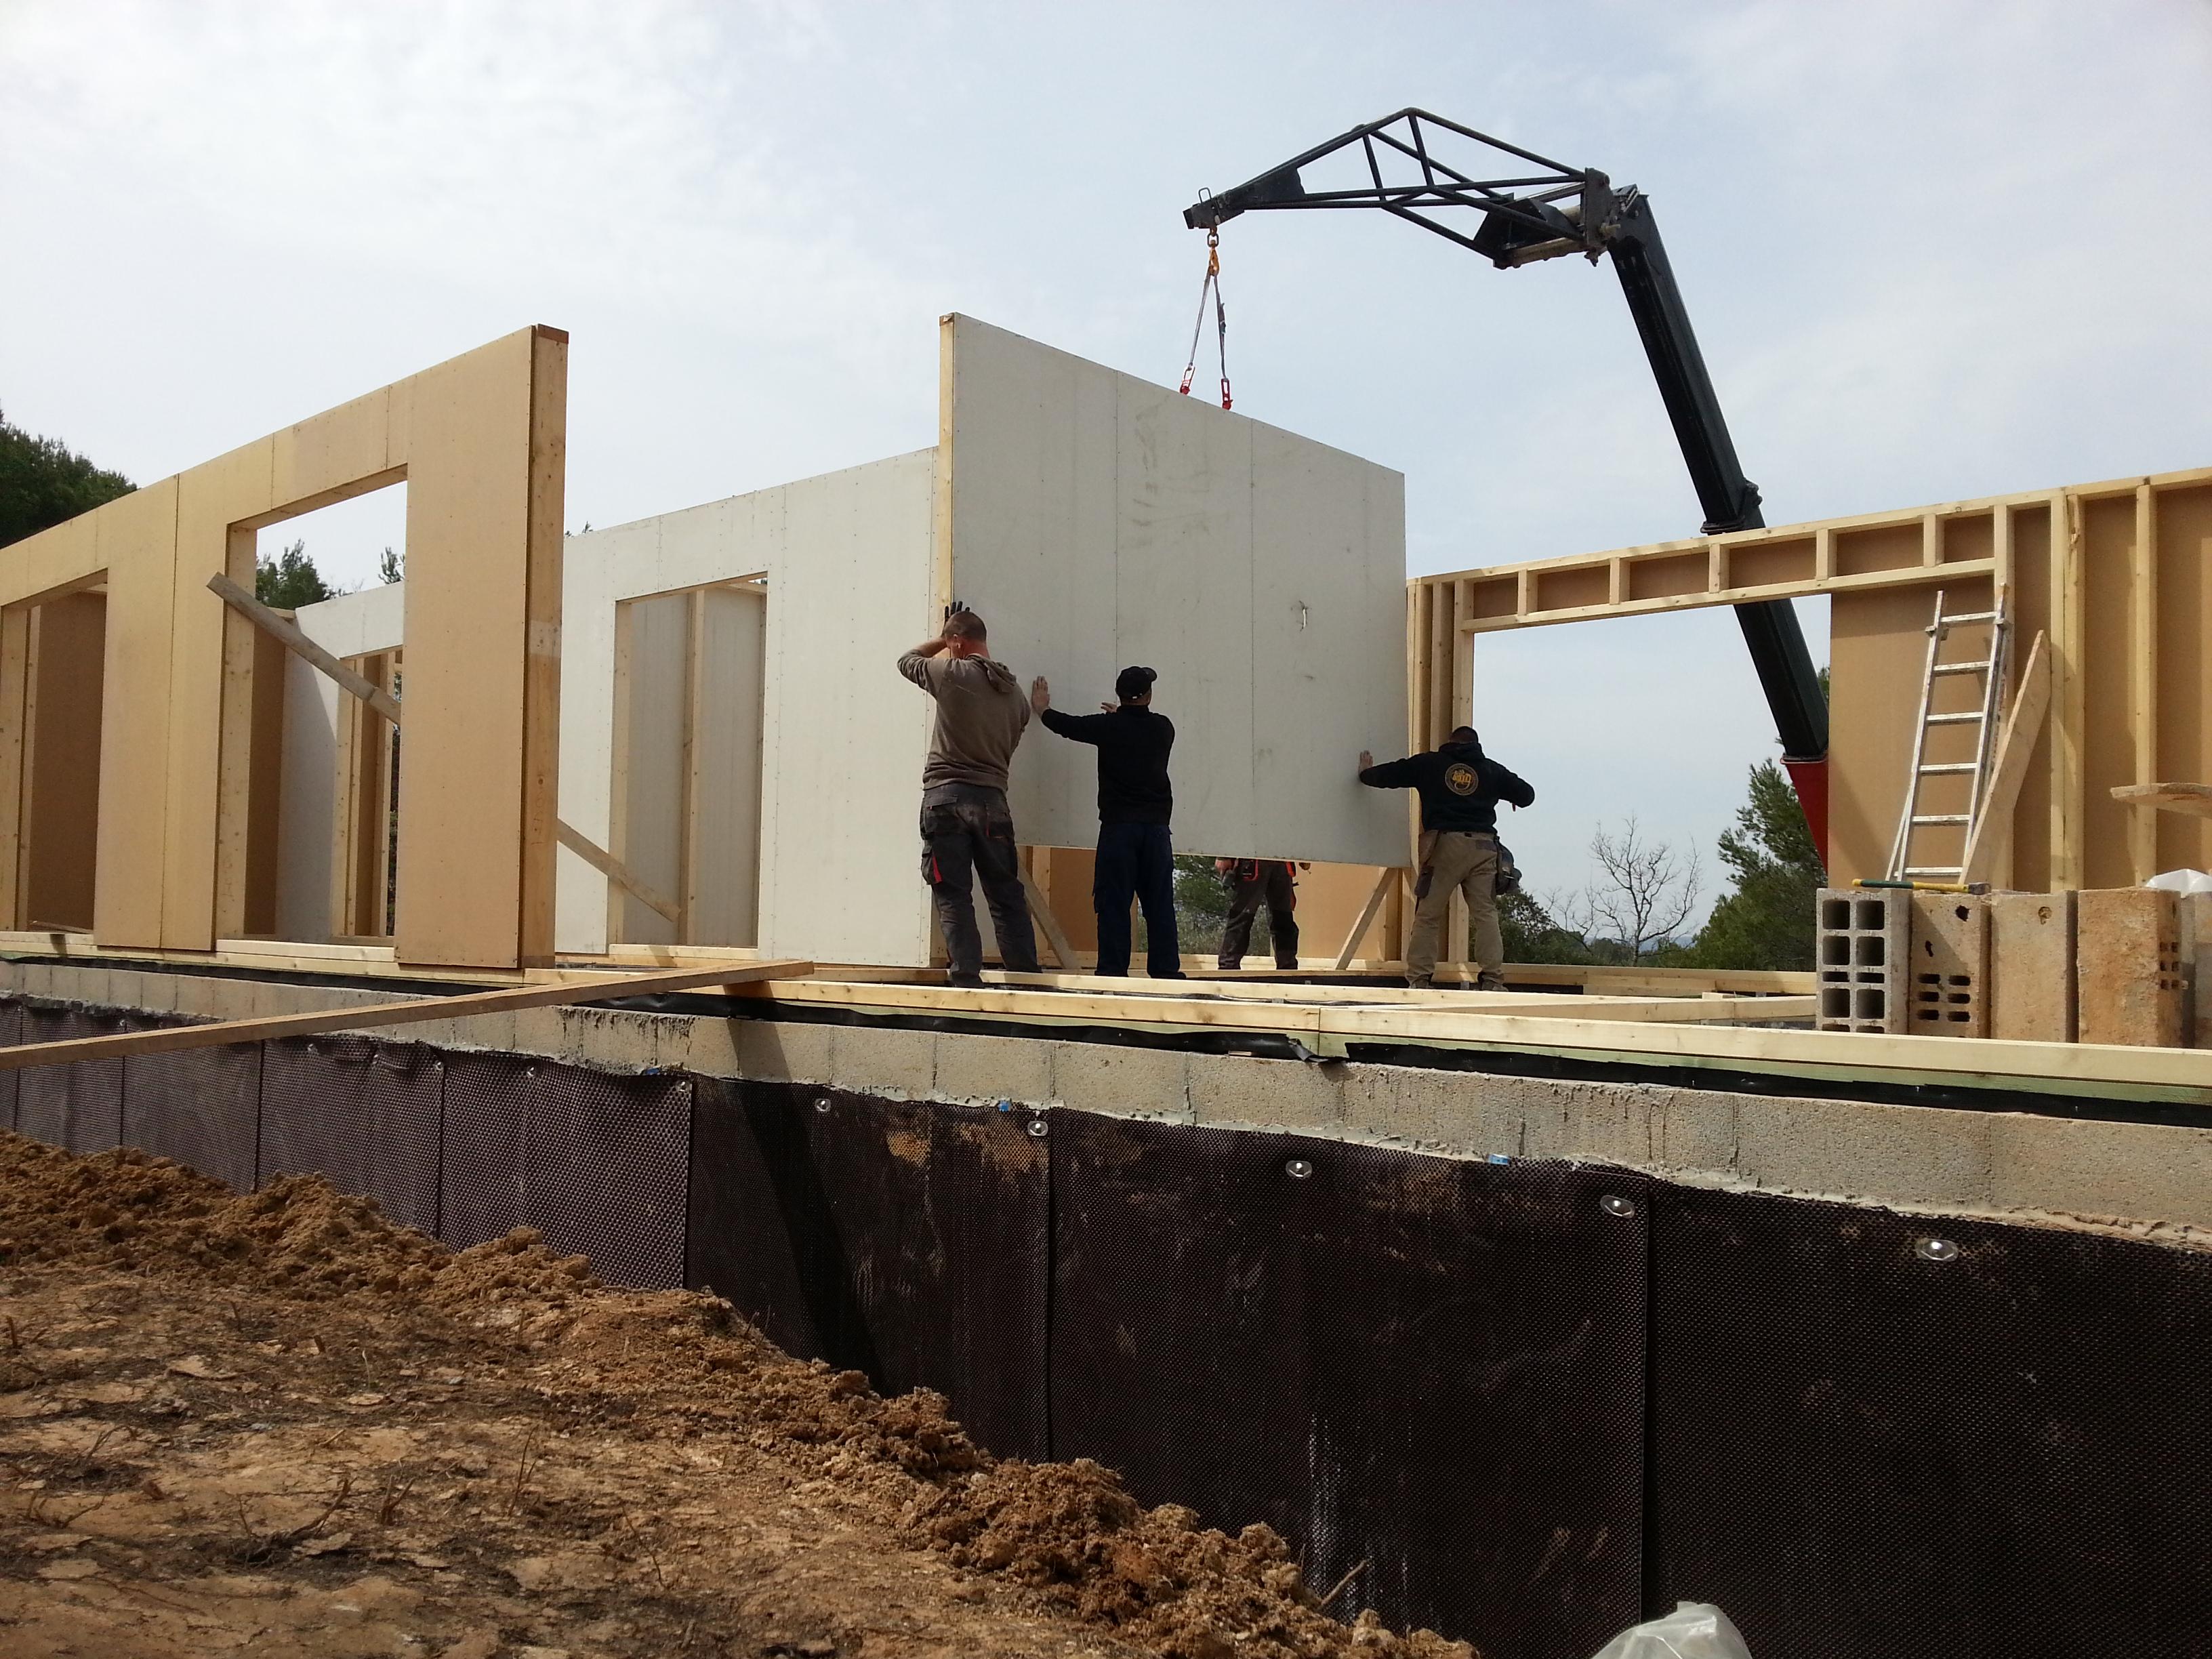 Maison ossature bois posee sur dalle beton maison moderne - Dalle beton interieur maison ...